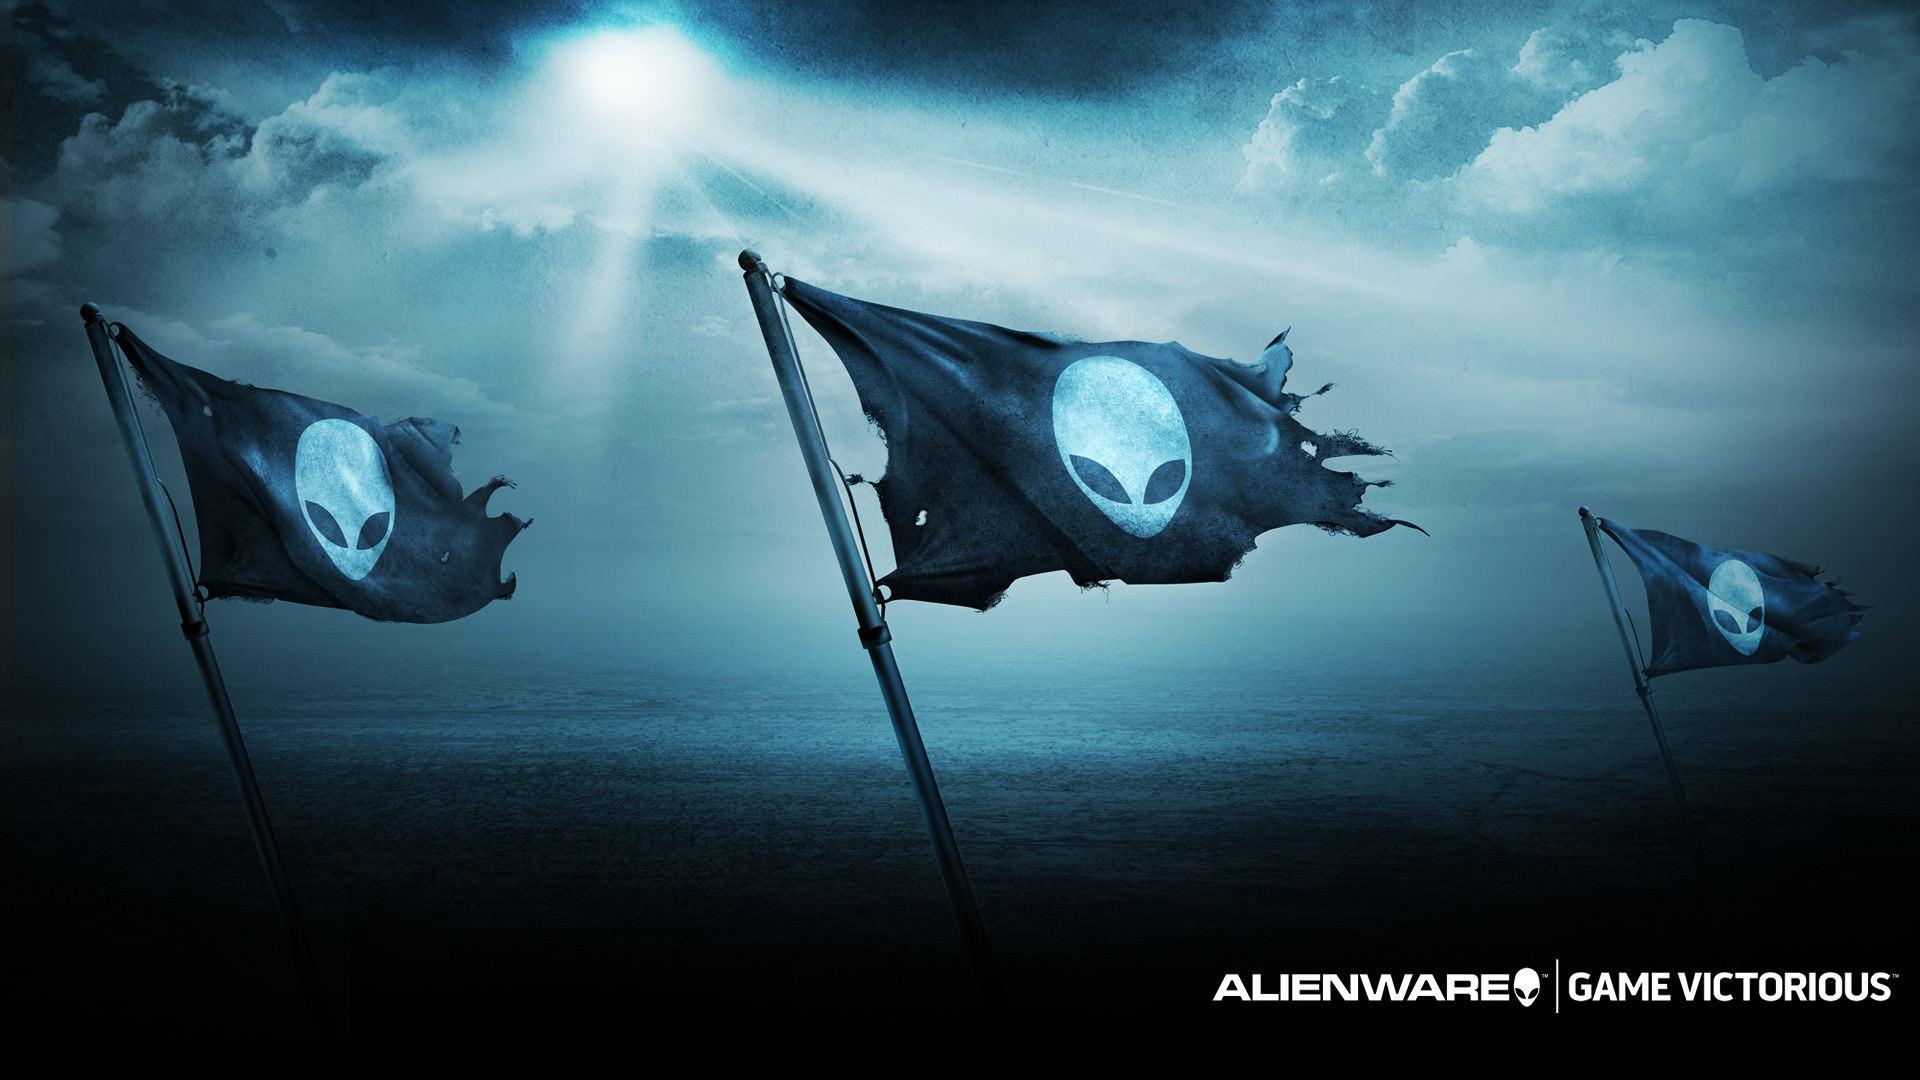 Alienware Wallpaper 1920x1080 HD (80+ images) Hd Wallpaper 1920x1080